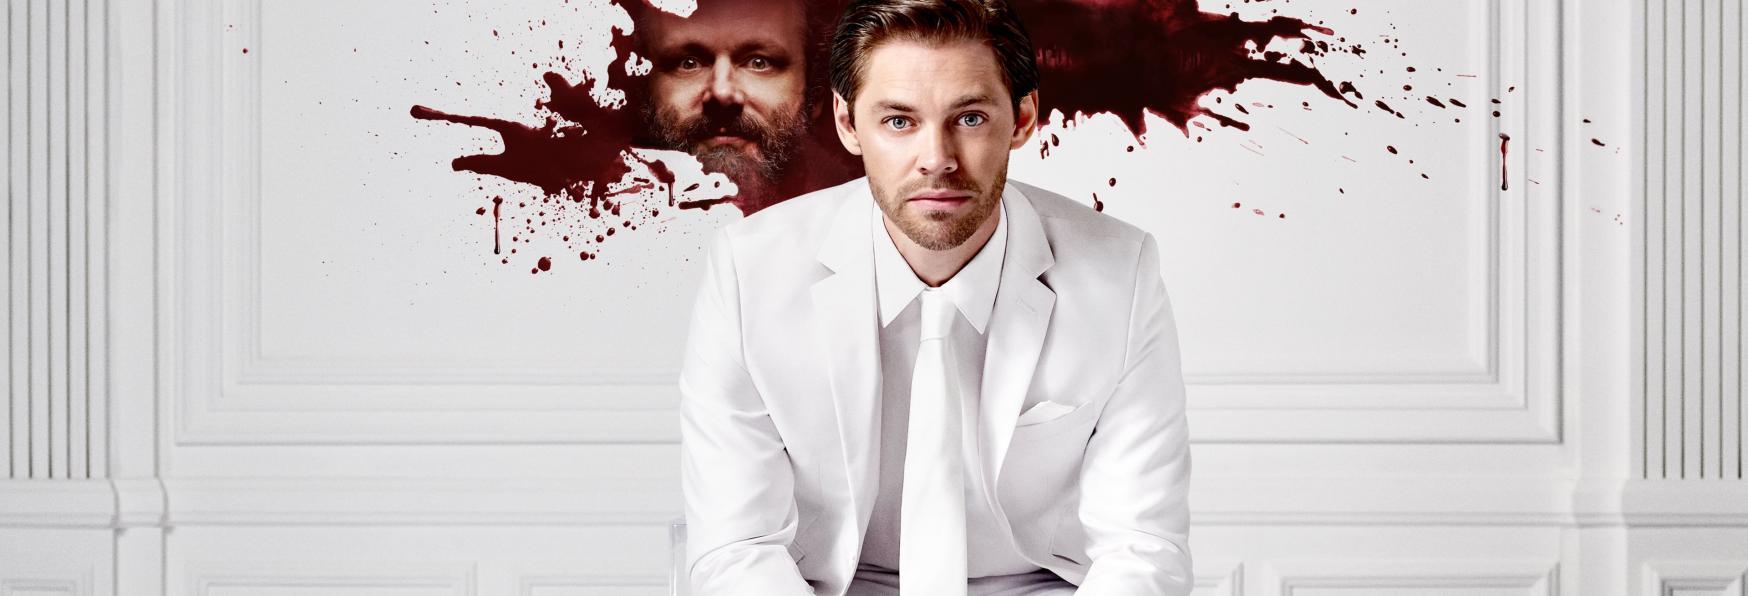 """HBO Max non salva Prodigal Son: """"Non abbiamo Spazio"""" per la Serie TV"""